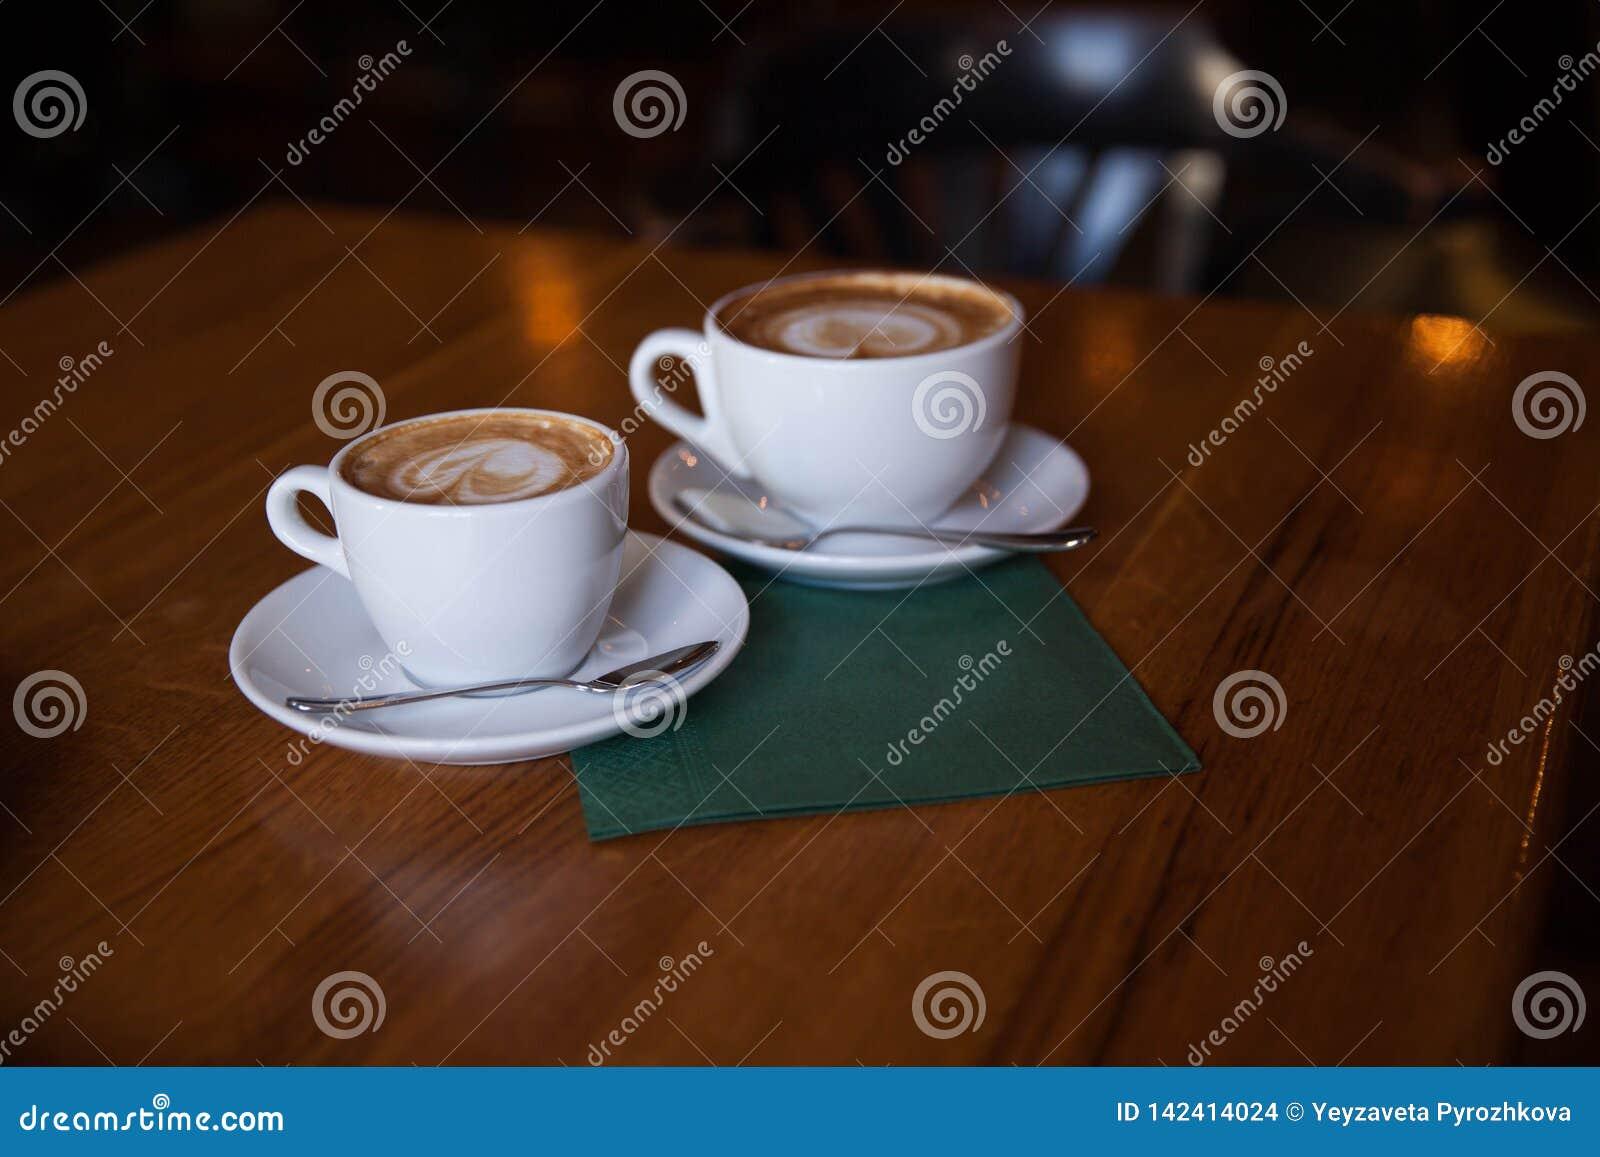 Deux tasses de cappuccino sur une table en bois